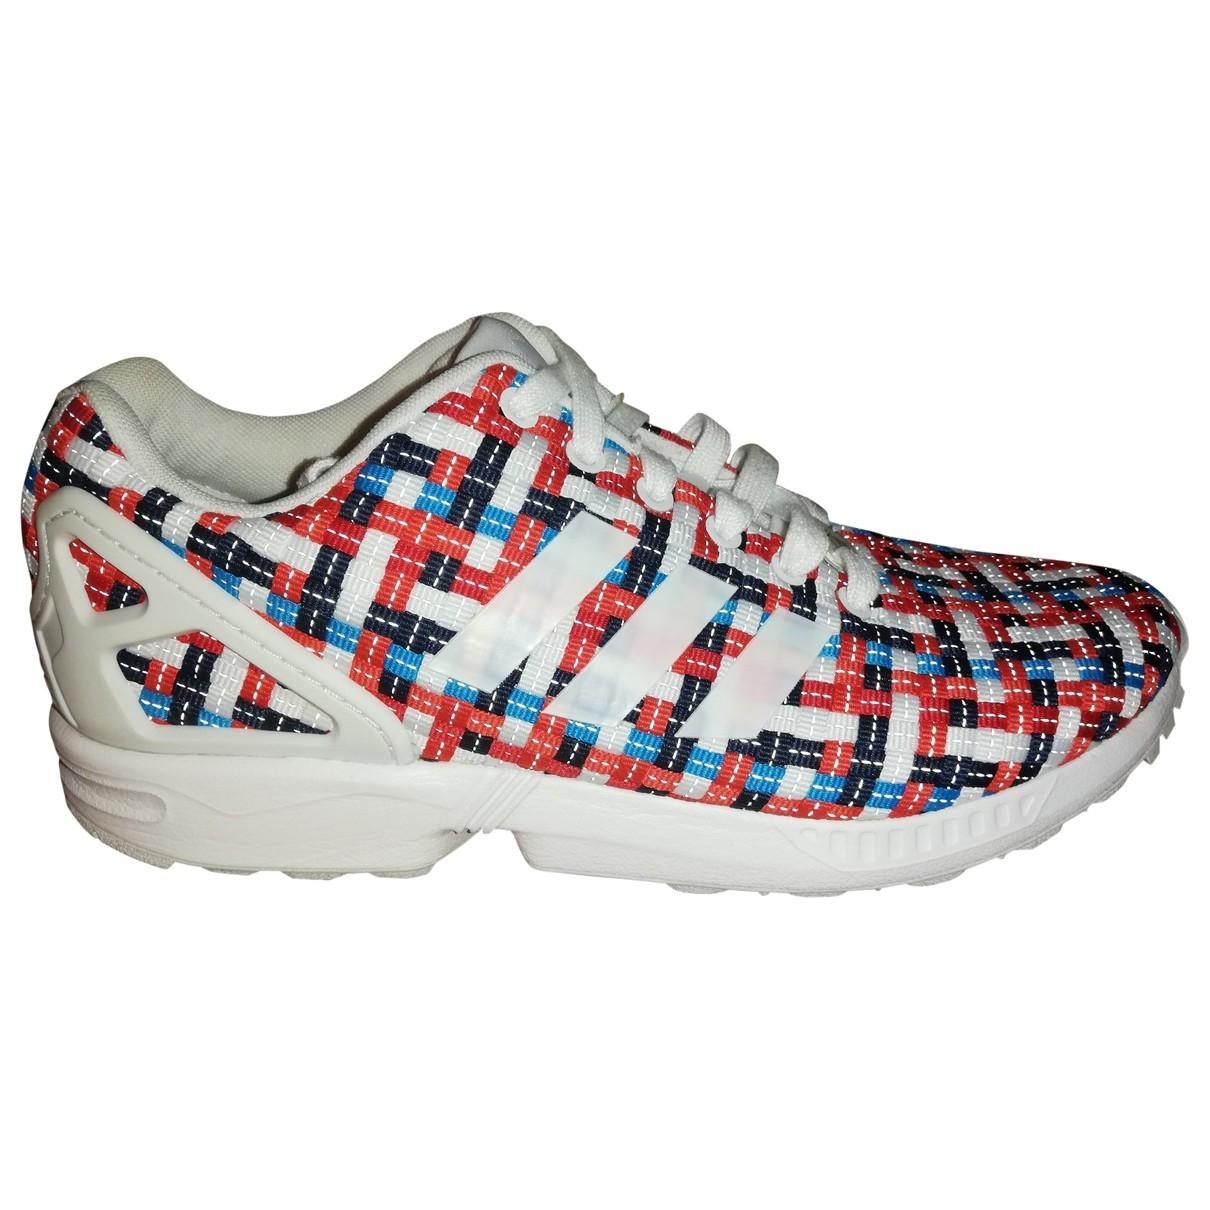 Adidas - Baskets ZX pour homme en toile - multicolore